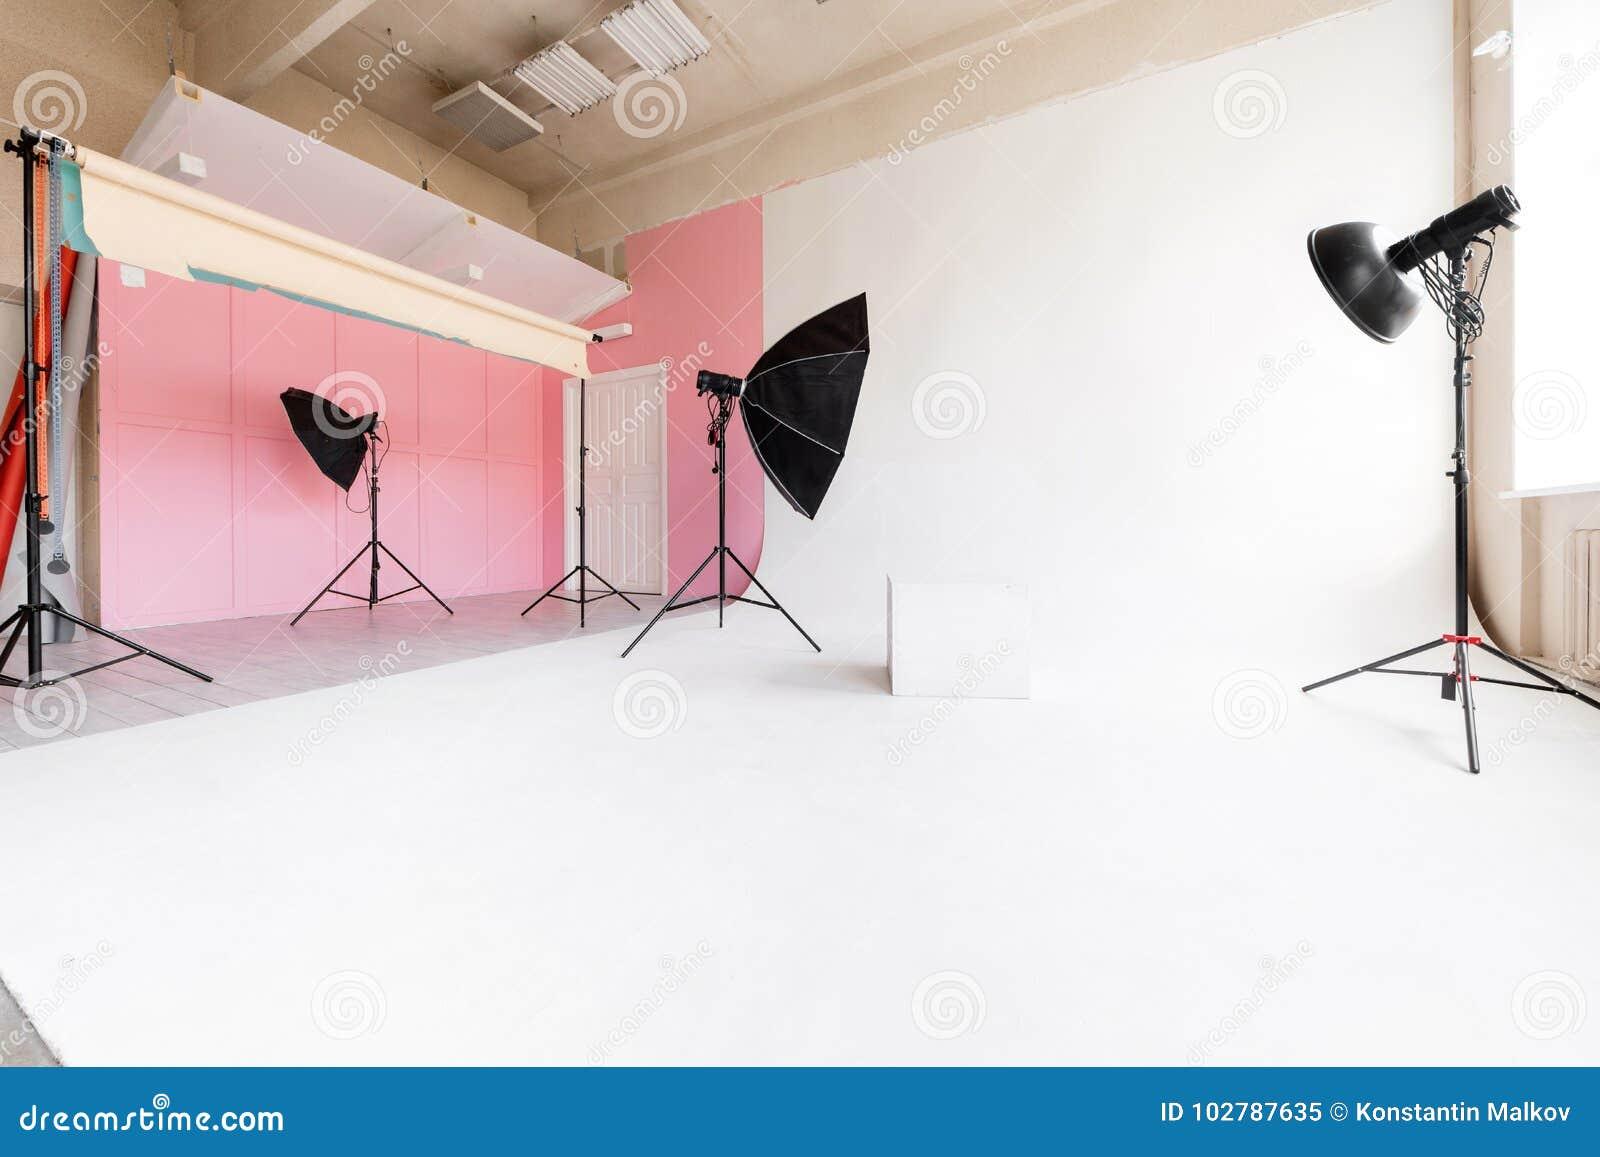 Grote studio ruimte witte cyclorama en natuurlijk licht van grote vensters verlichtingsmateriaal en flits